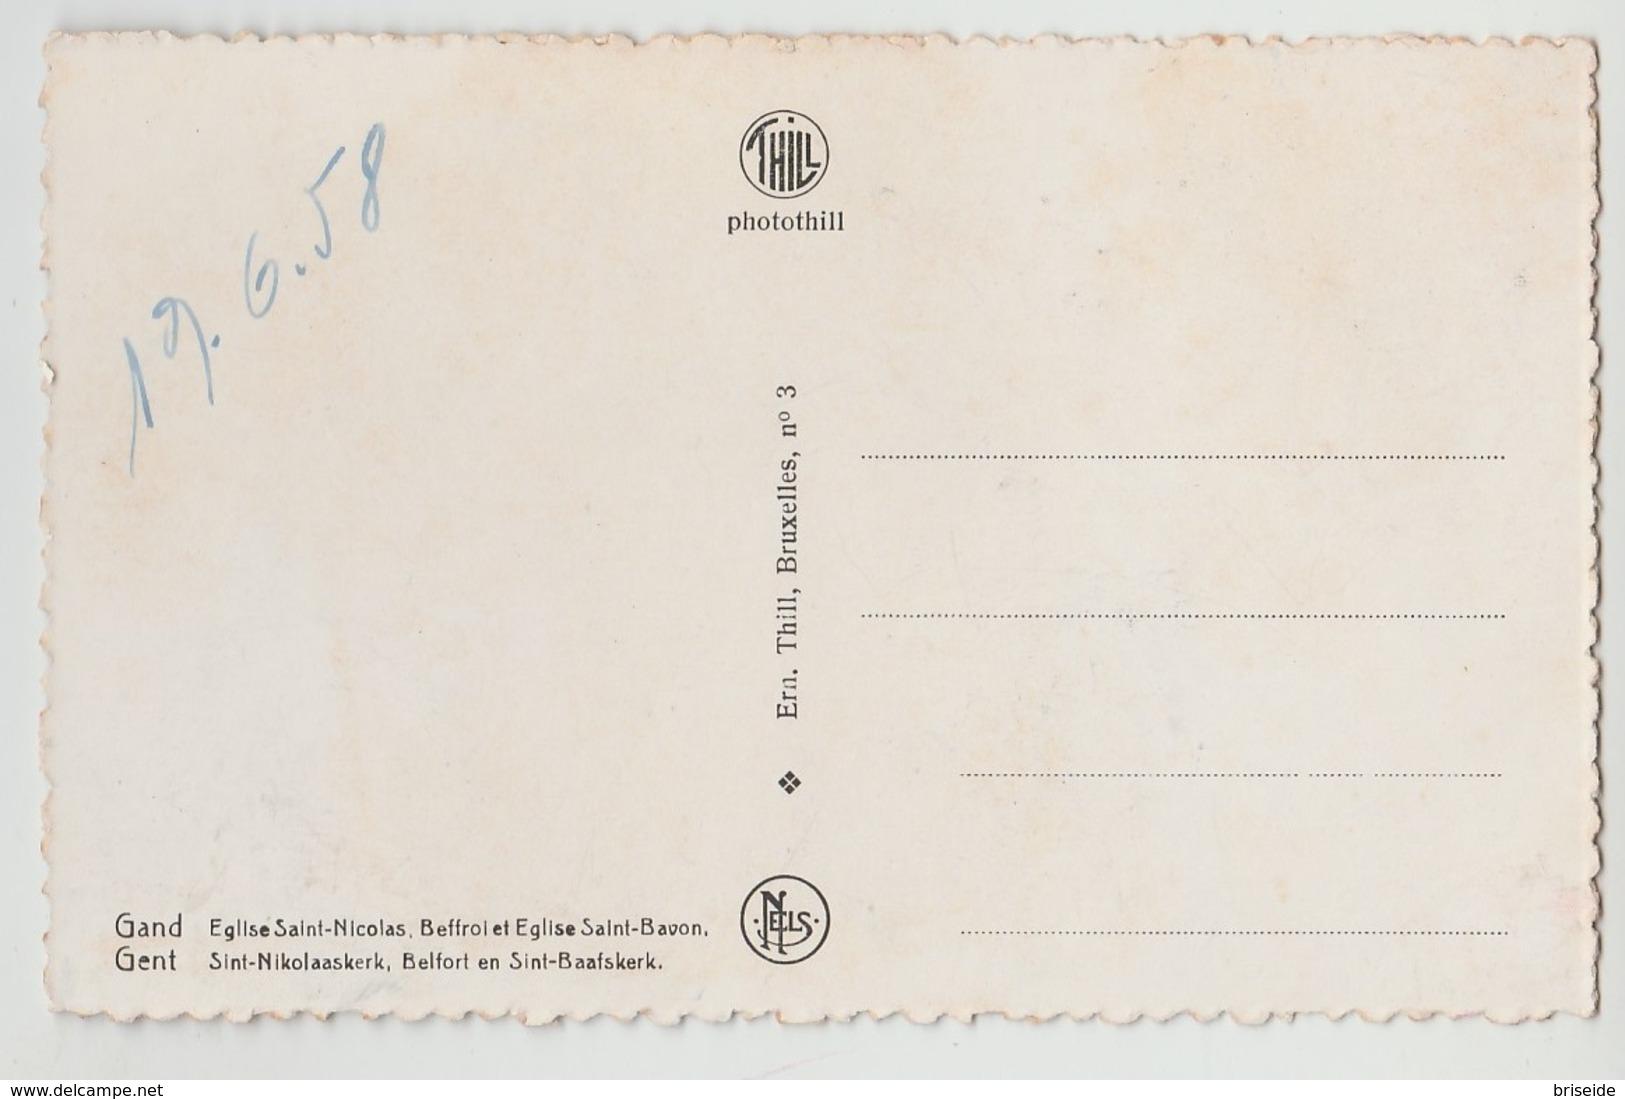 GAND GENT EGLISE SAINT NICOLAS CHIESA DI SAN NICOLA F/P NON VIAGGIATA MA DATATA 1958 - Gent